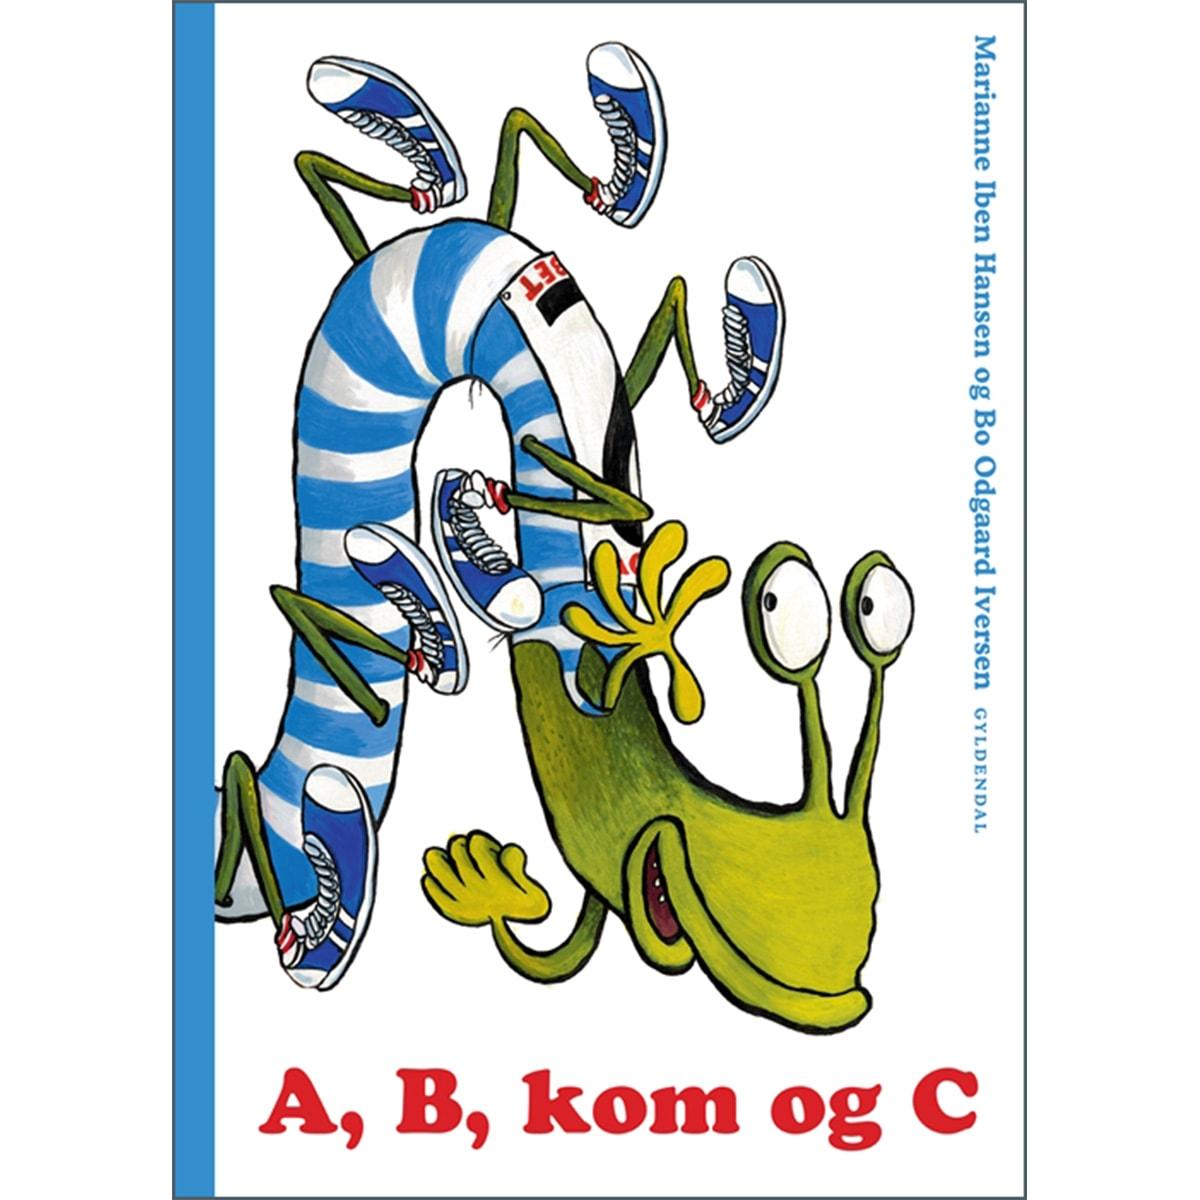 Af Marianne Iben Hansen & Bo Odgaard Iversen